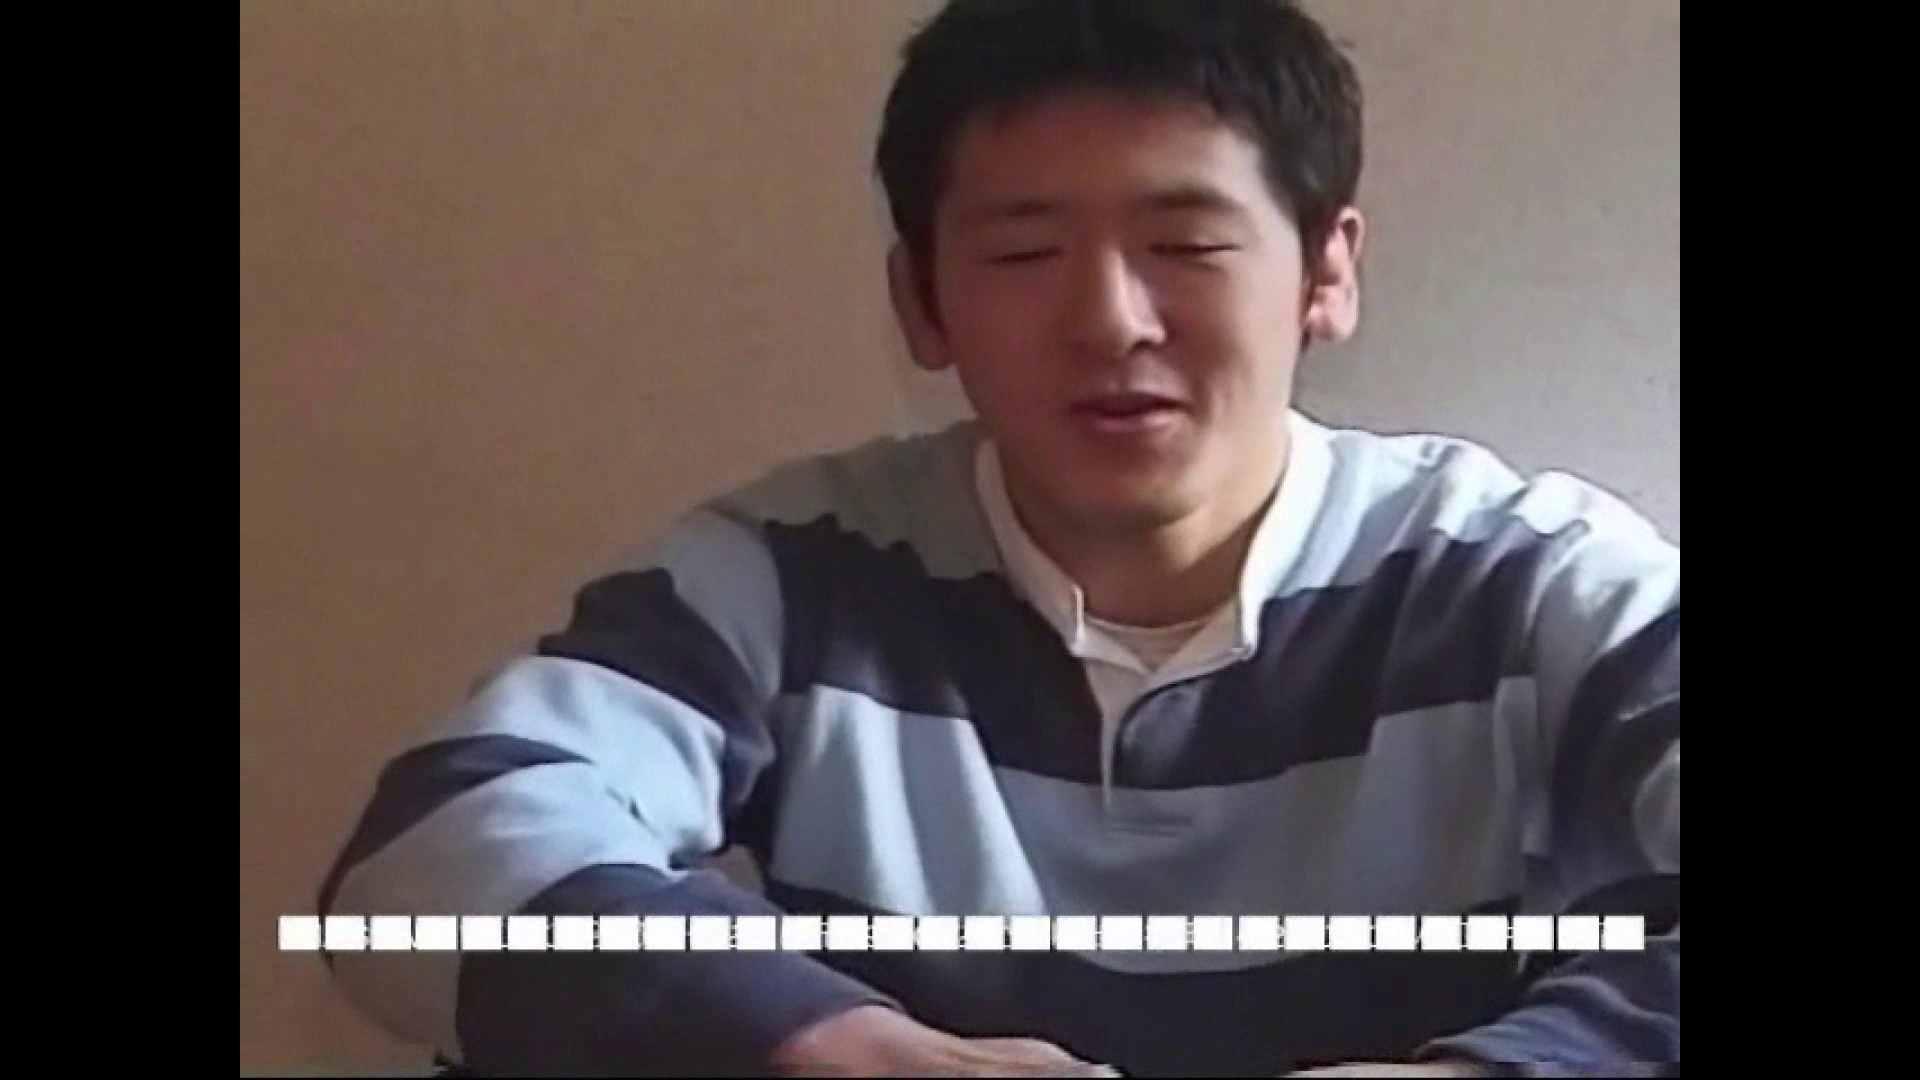 オナれ!集まれ!イケてるメンズ達!!File.15 ガチムチマッチョ系   人気シリーズ  65pic 17